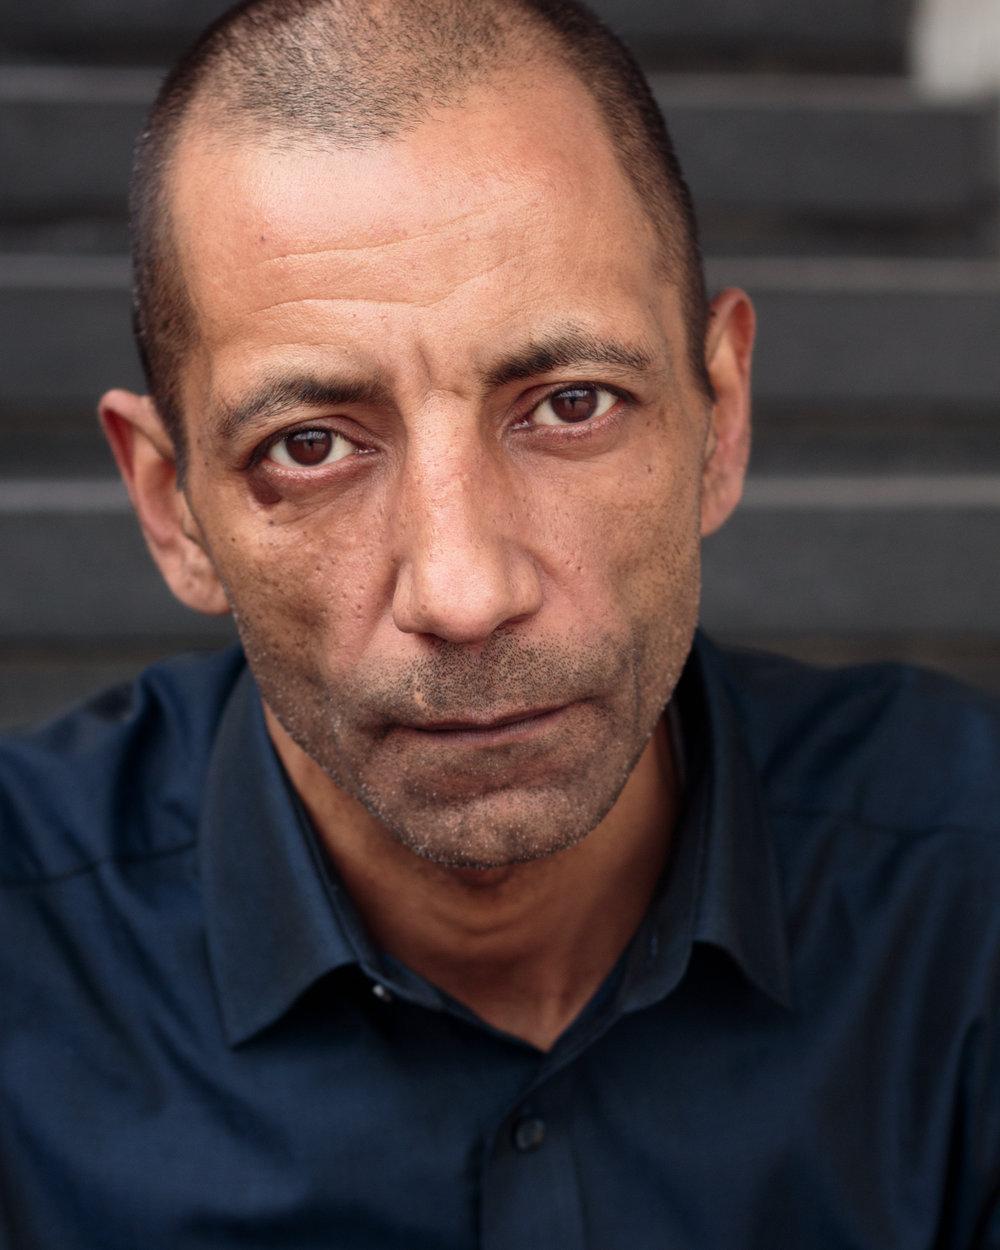 Hussein Kutsi